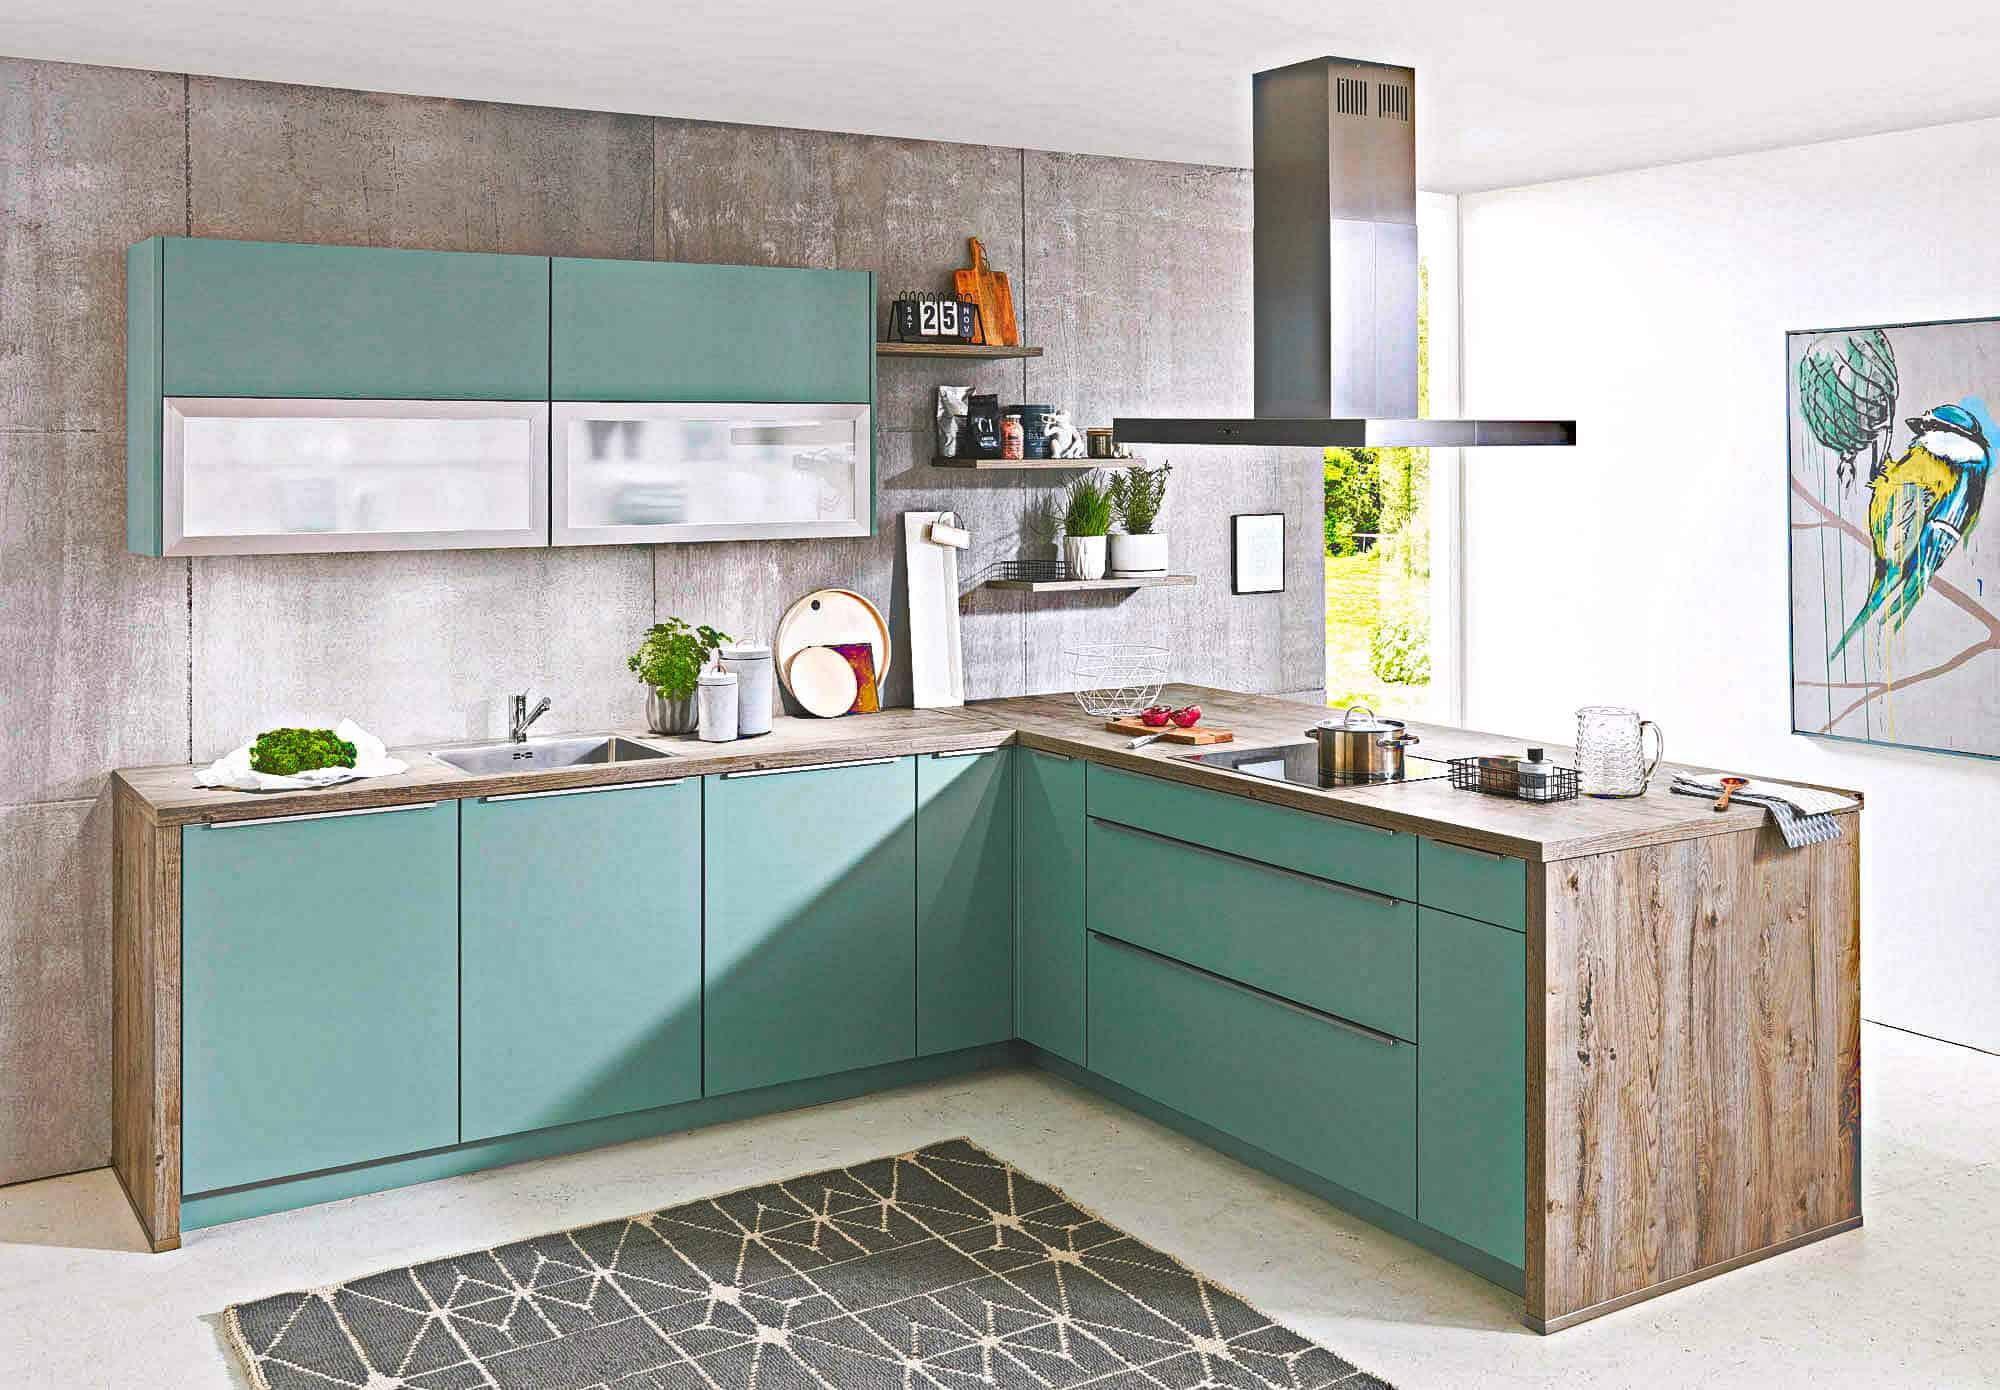 Wunderbar Apex Küche Und Bad Marietta Galerie - Küchen Design Ideen ...